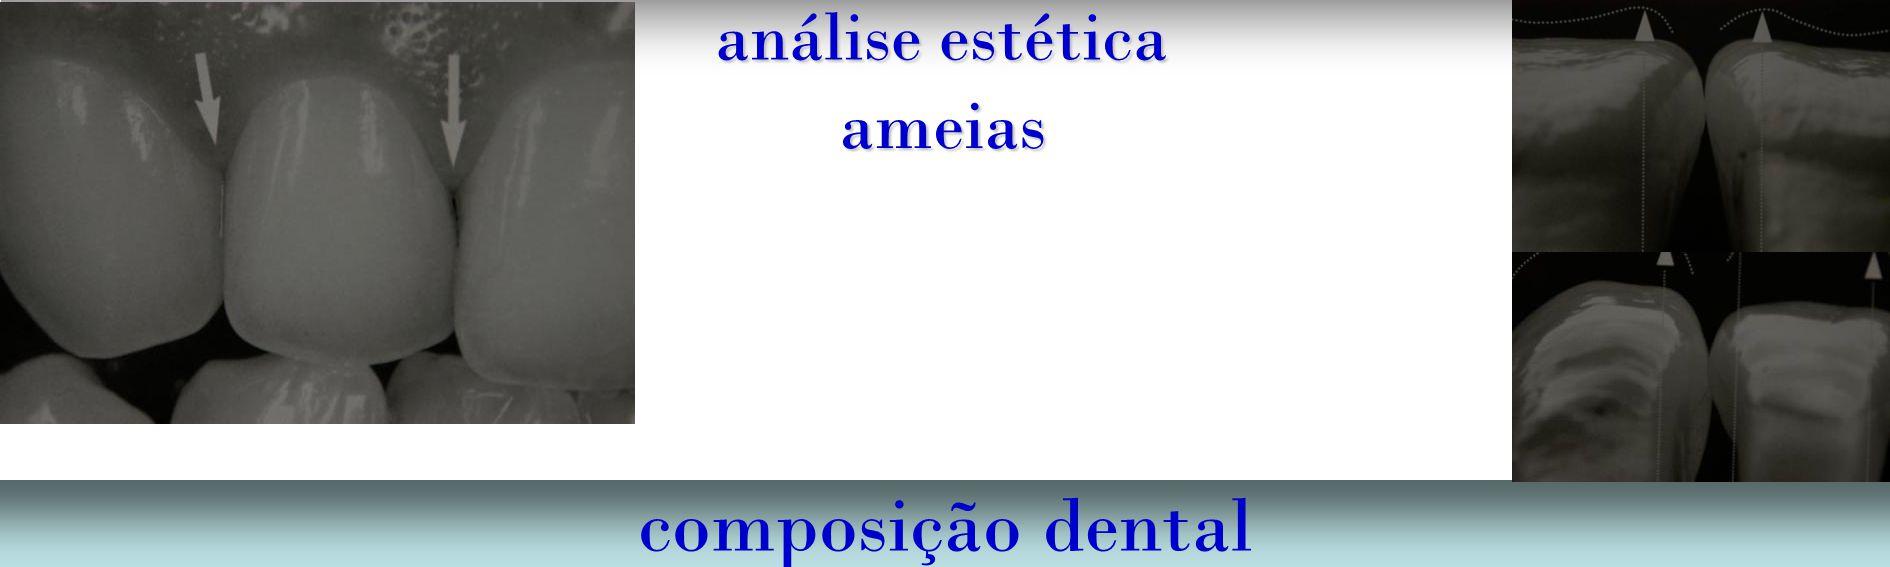 análise estética composição dental ameias